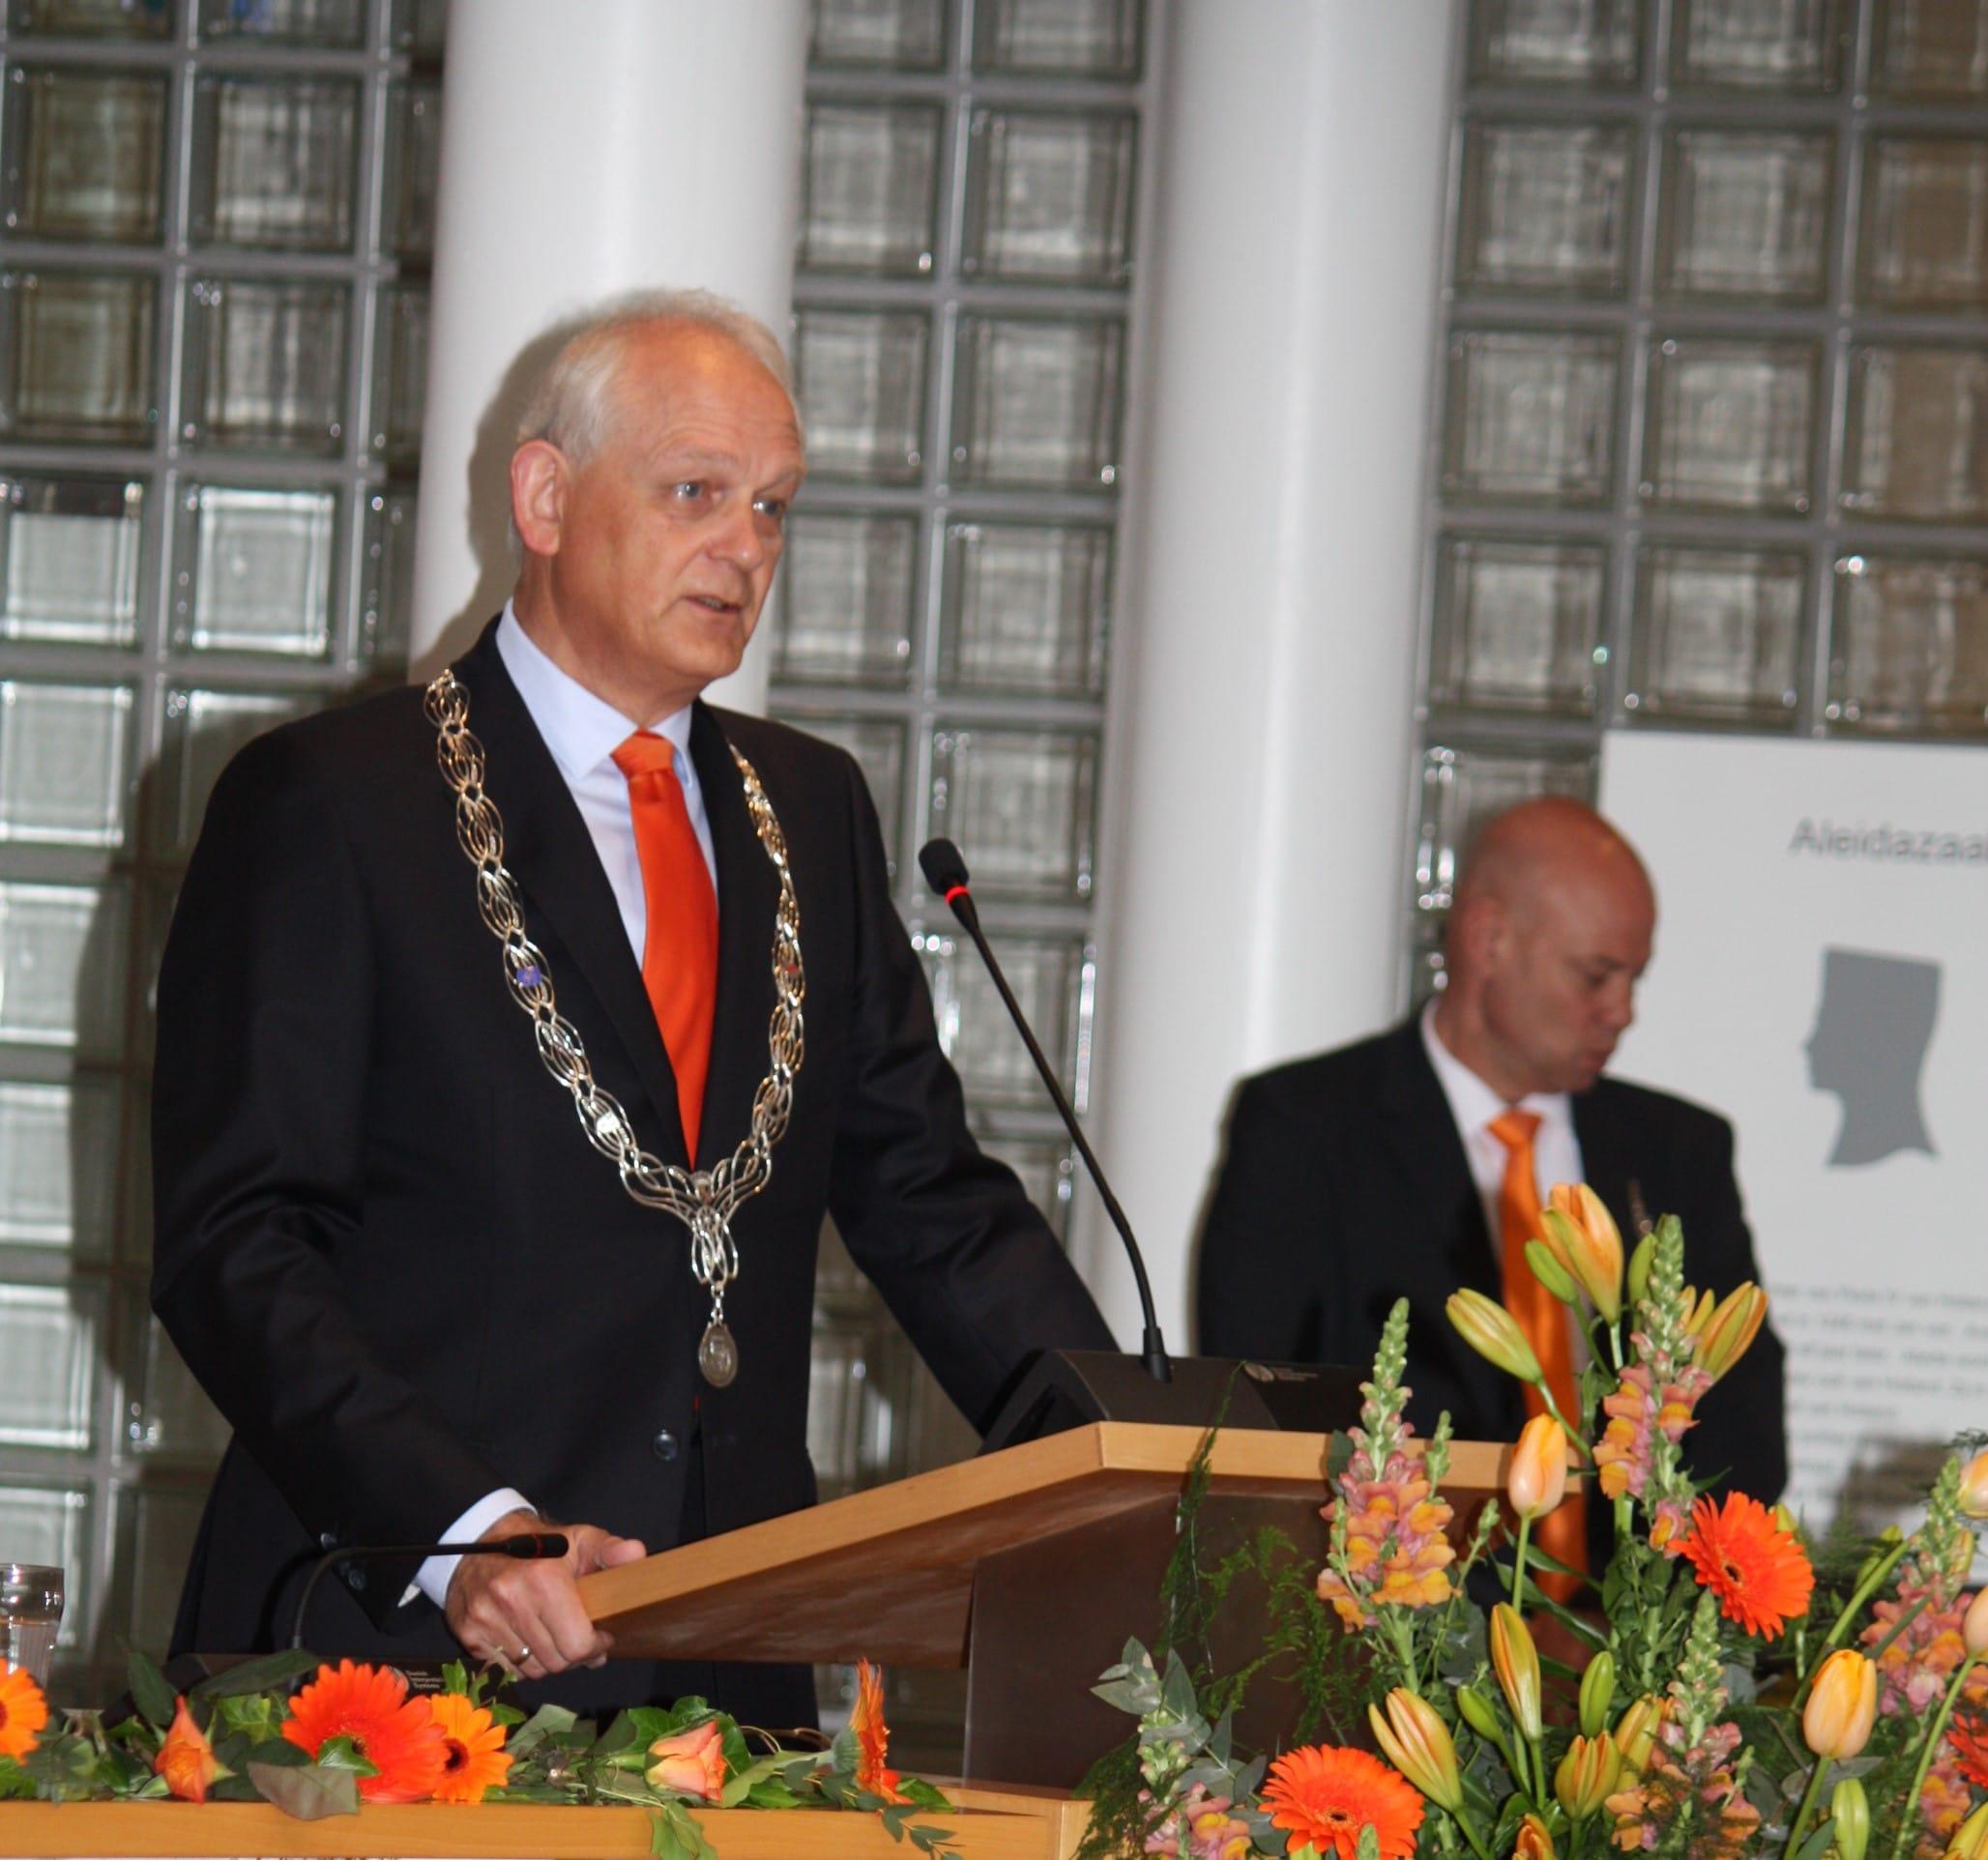 Koninklijke onderscheiding voor 2 Nieuwlanders